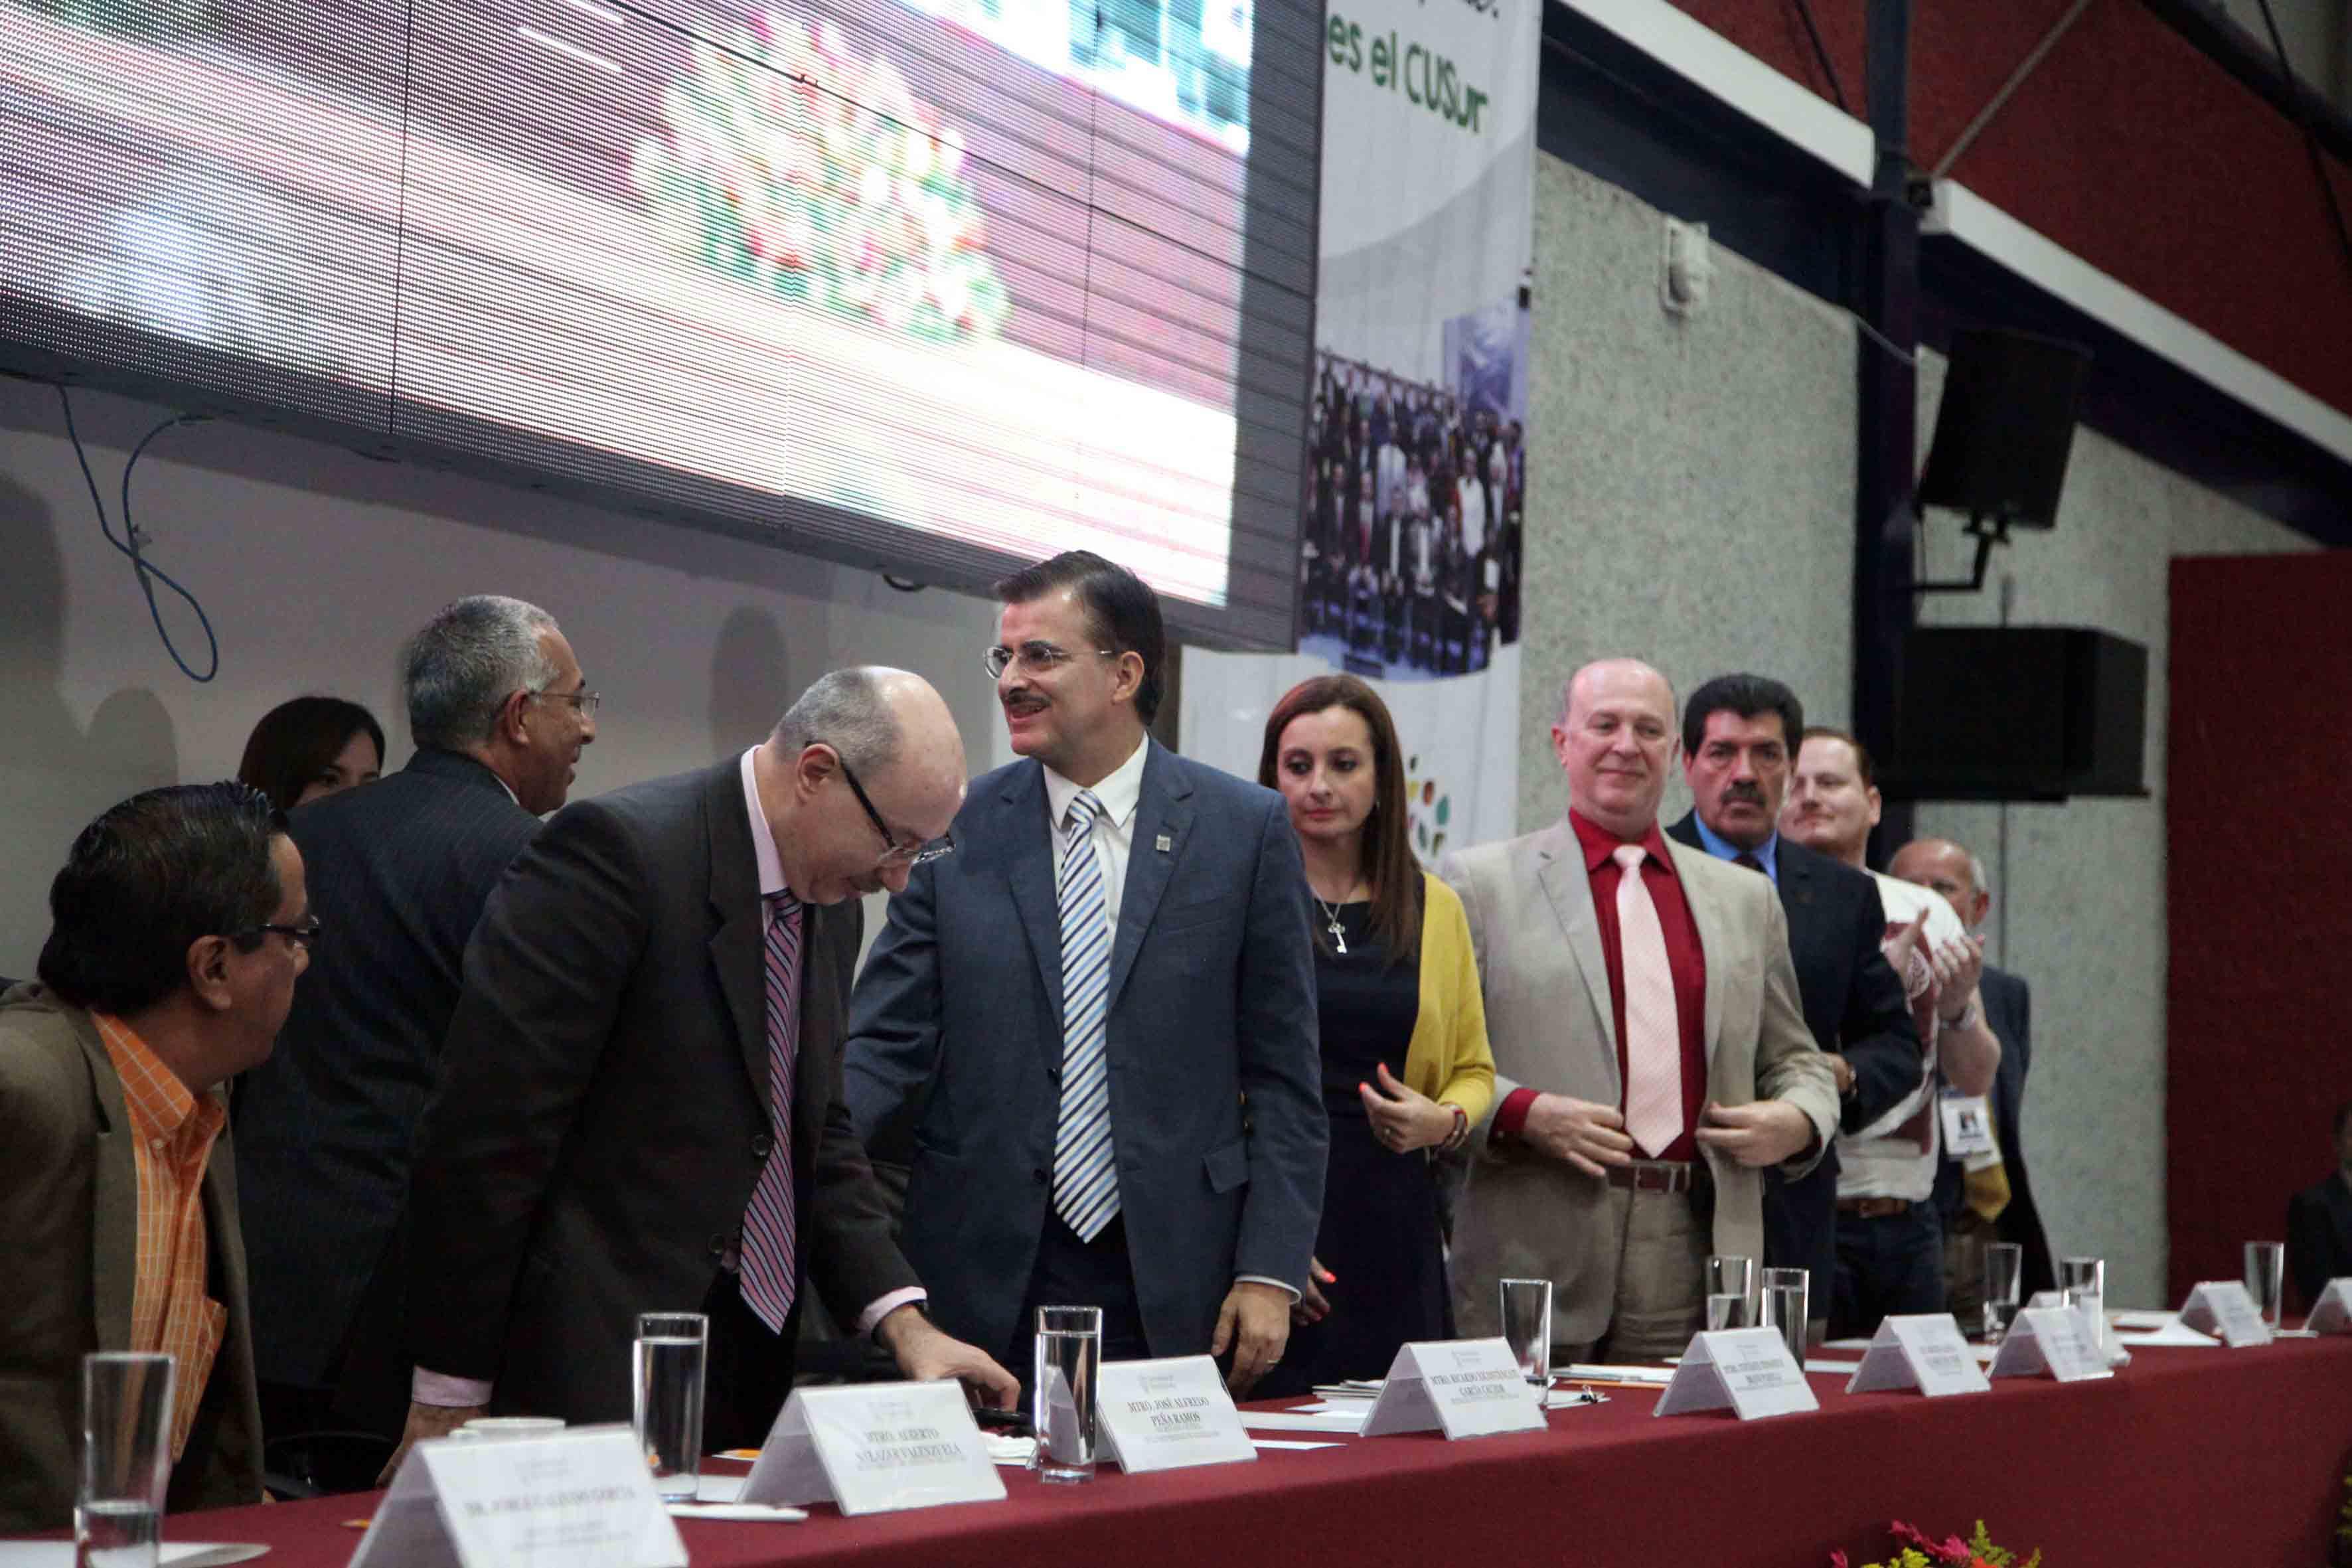 Mtro. José Alfredo Peña Ramos, Secretario General de la UdeG, Mtro  Itzcóatl Tonatiuh Bravo Padilla, Rector General de la UdeG y Mtro. Ricardo Xicoténcatl García Cauzor, Rector del CUSur.